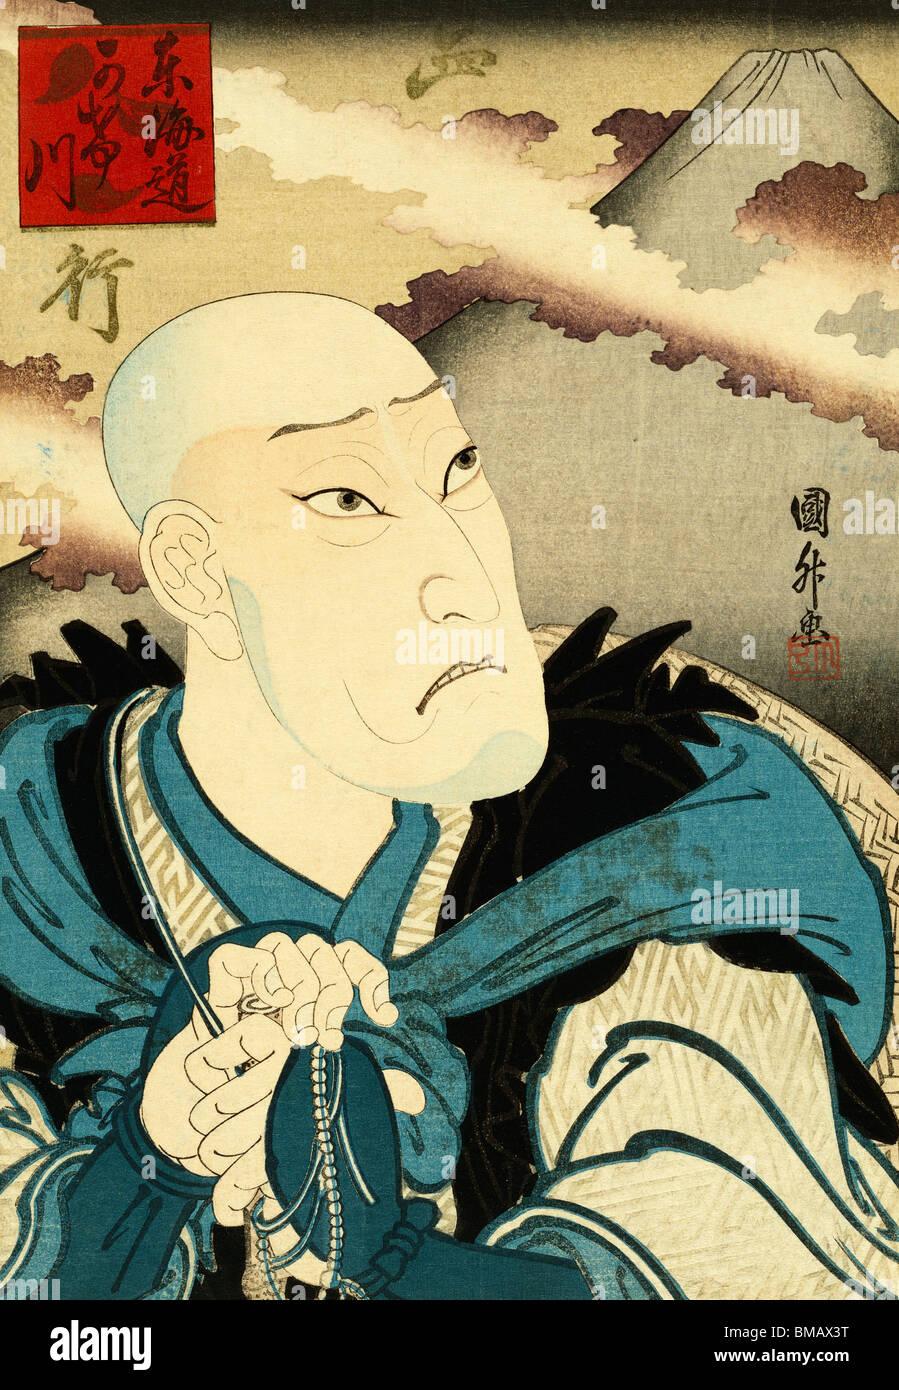 Actor como el sacerdote, por Utagawa Kunimasa Saigyottoshi. Japón, siglo XX. Imagen De Stock